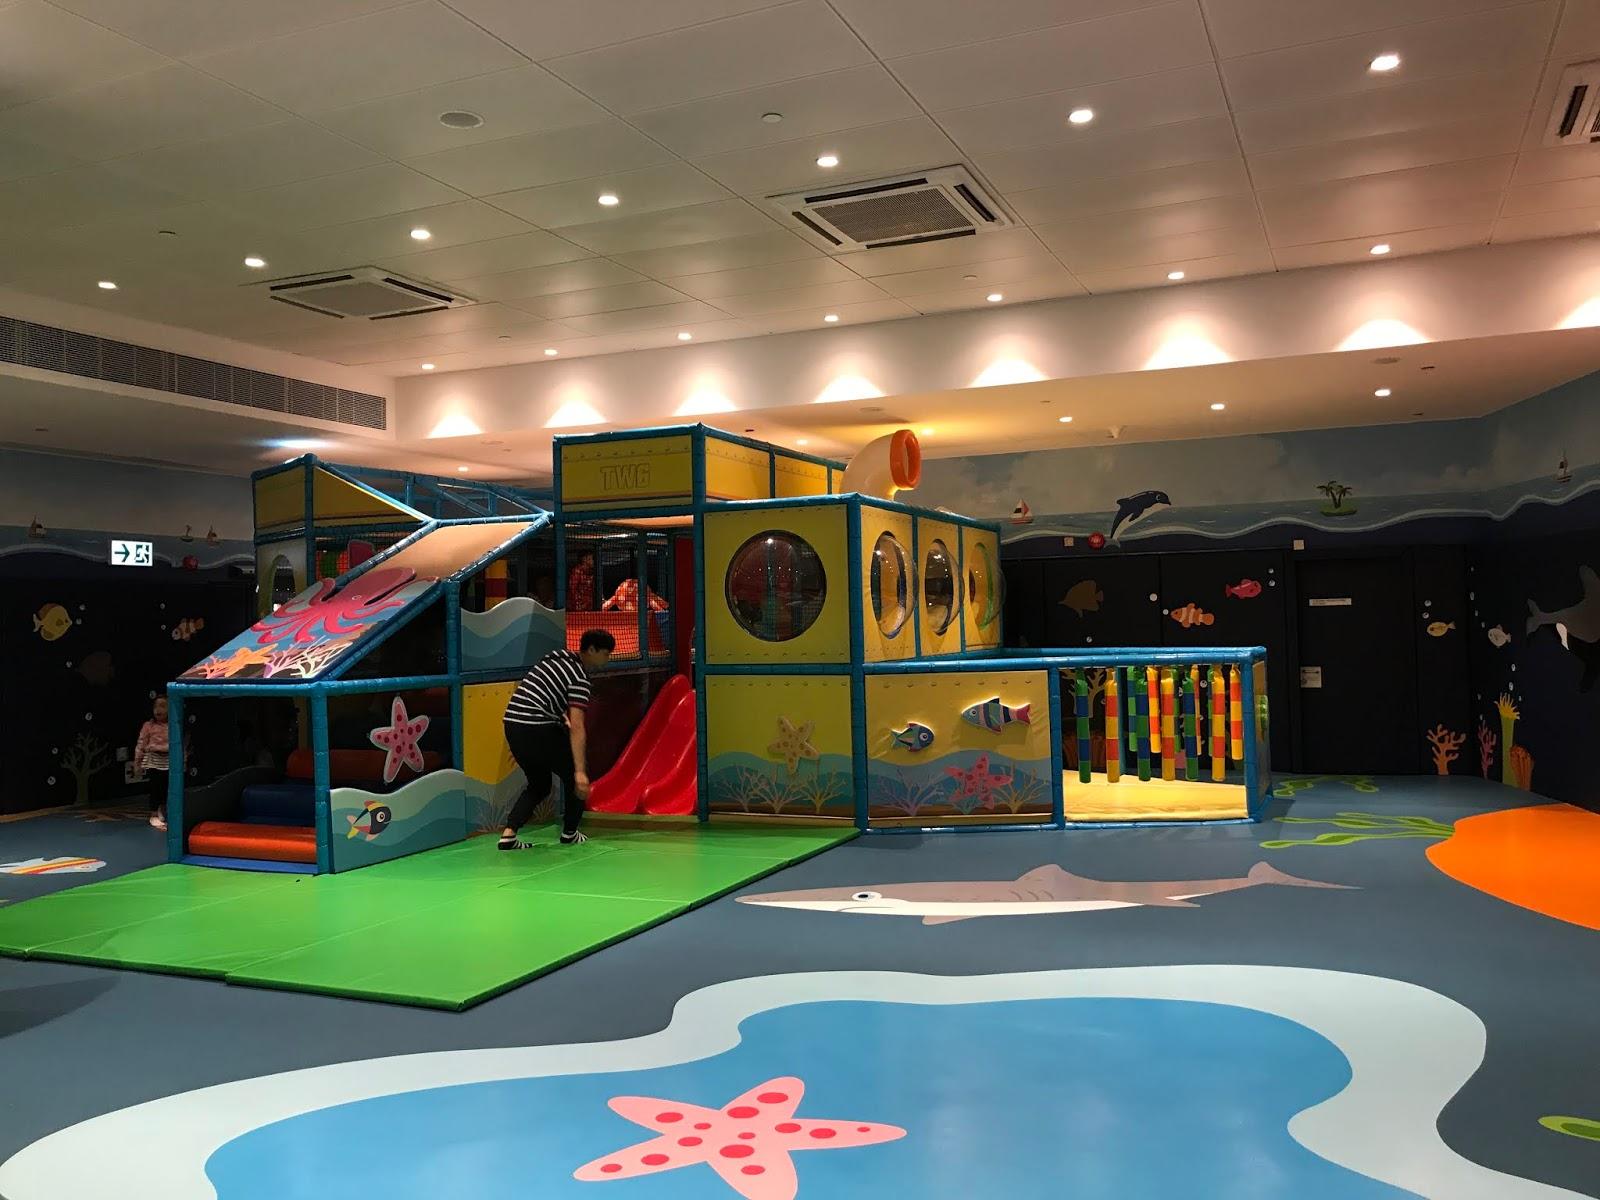 【室內放電】荃灣 | 全新免費荃灣體育館兒童遊戲室 – AllAboutAlfred